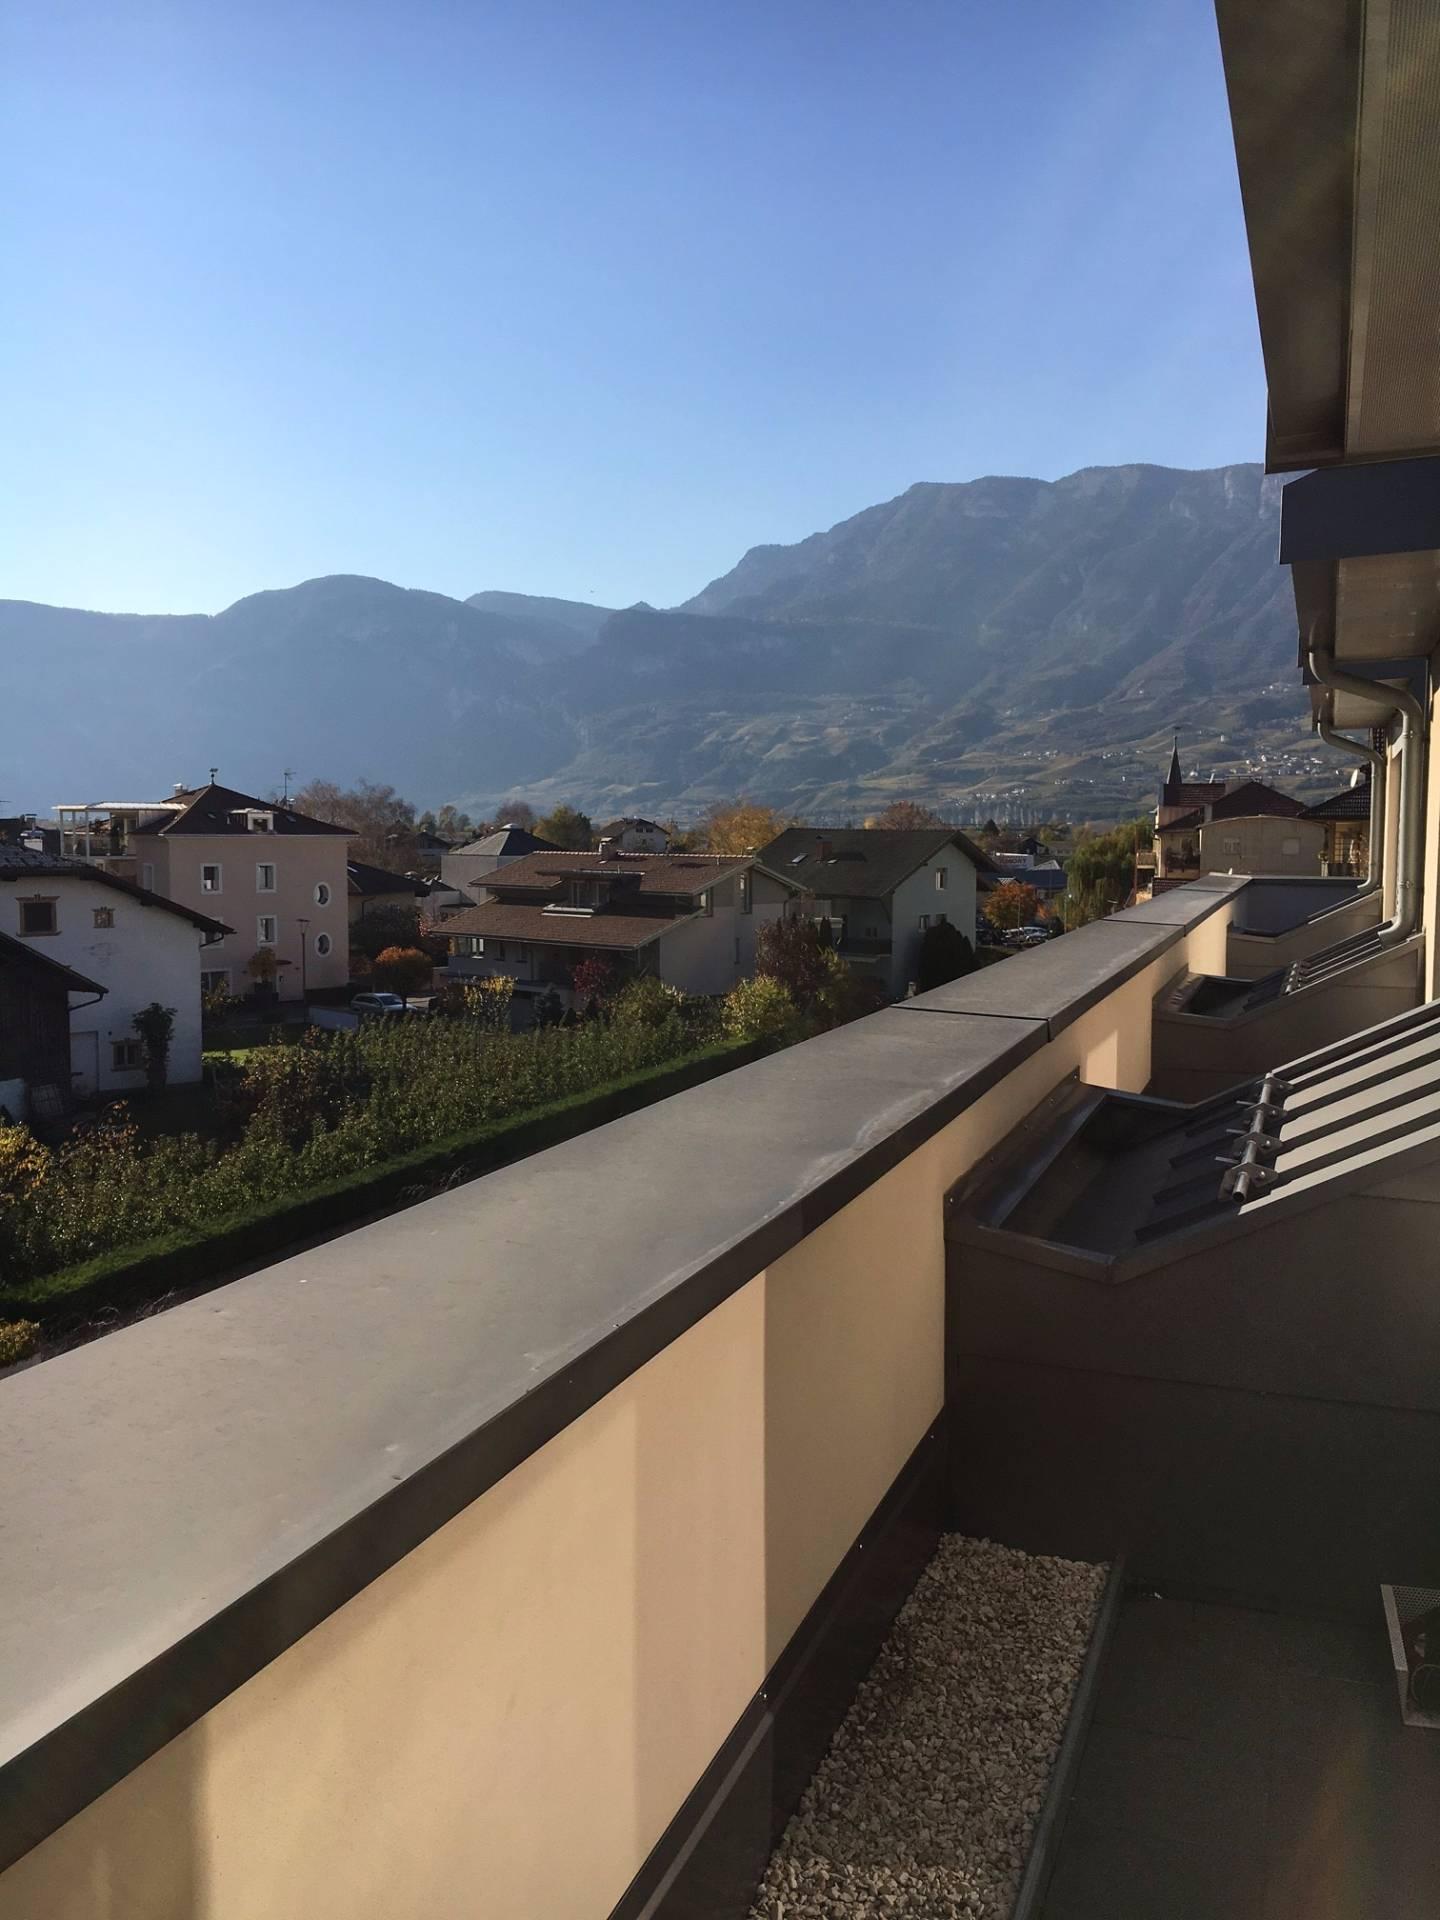 Attico / Mansarda in affitto a Egna, 7 locali, prezzo € 1.600 | PortaleAgenzieImmobiliari.it